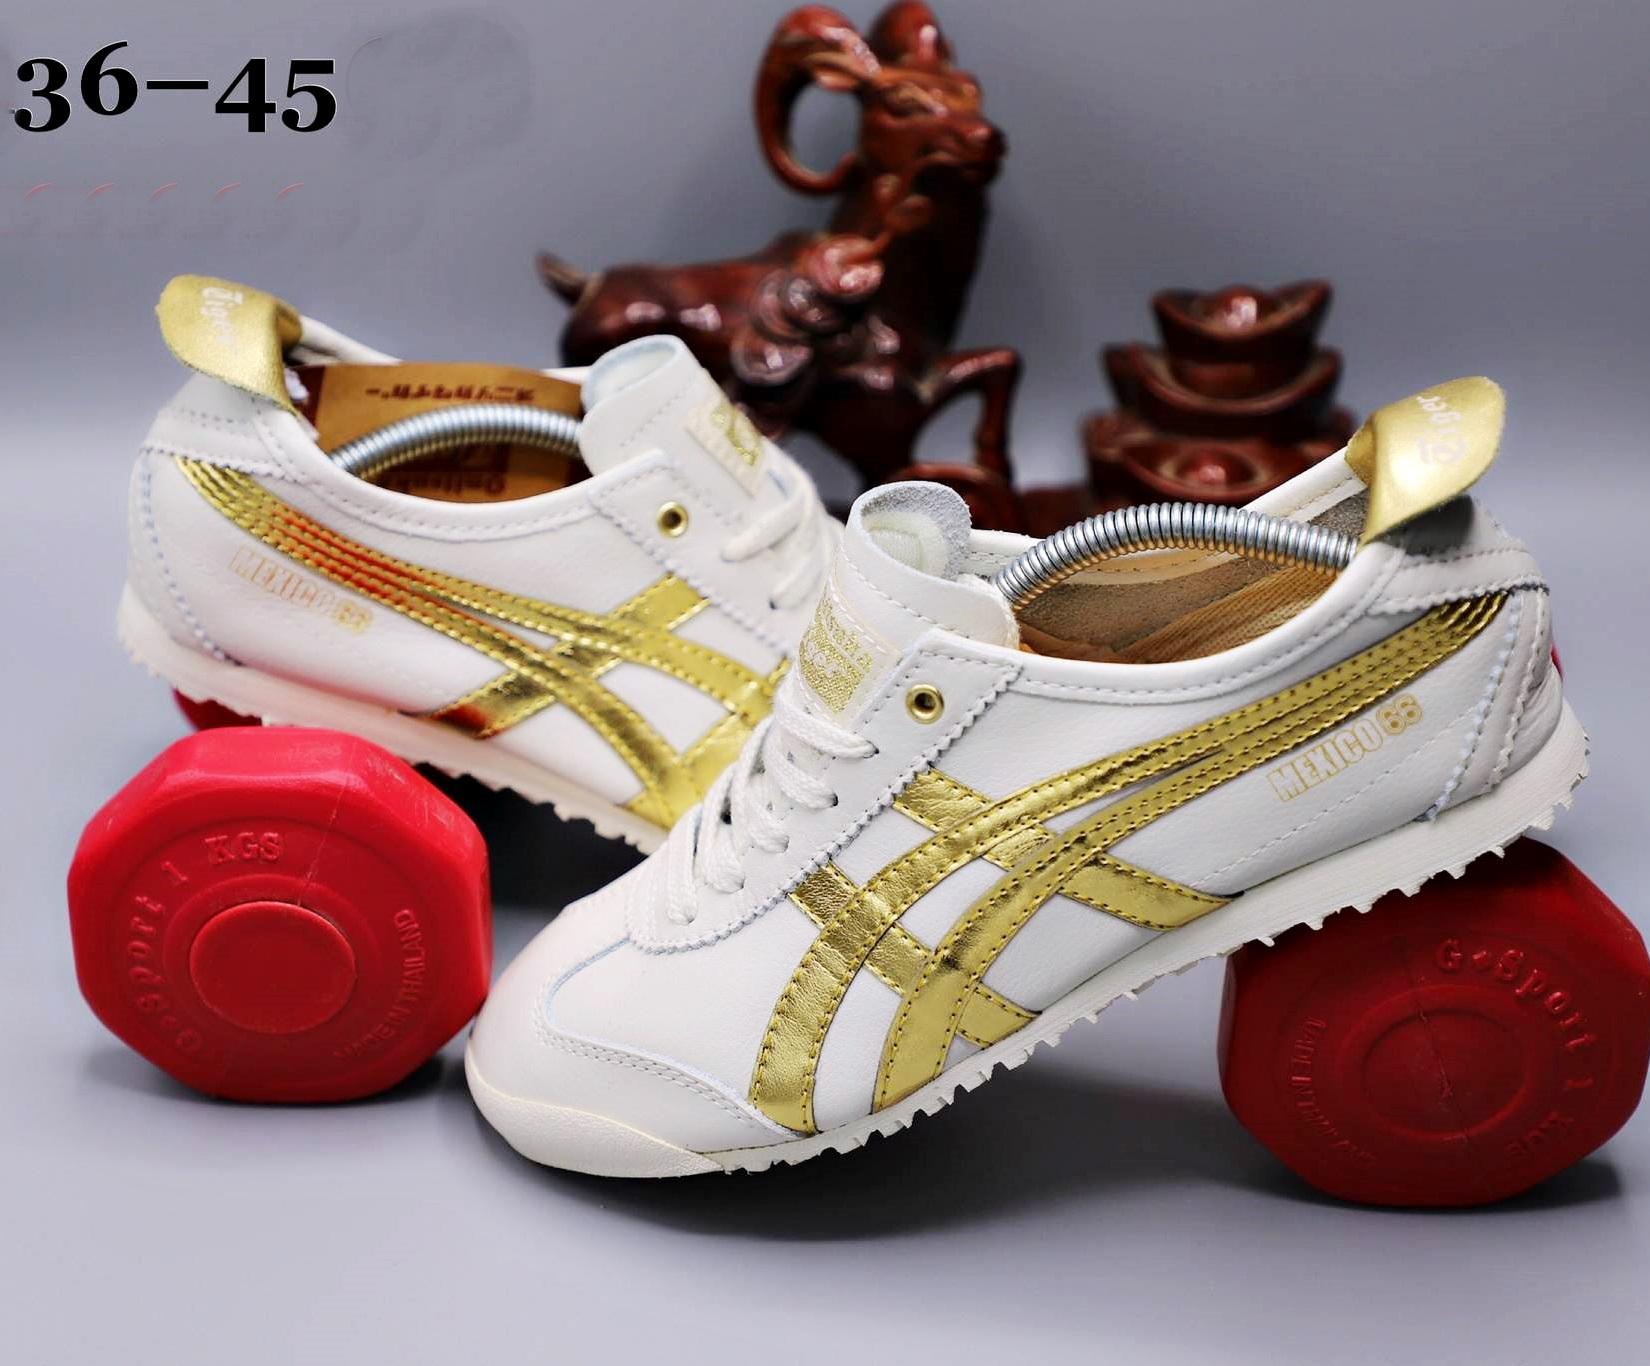 รองเท้า Onitsuka Tiger รุ่น Mexico66 เกรด4A หนังแท้ size 36-45